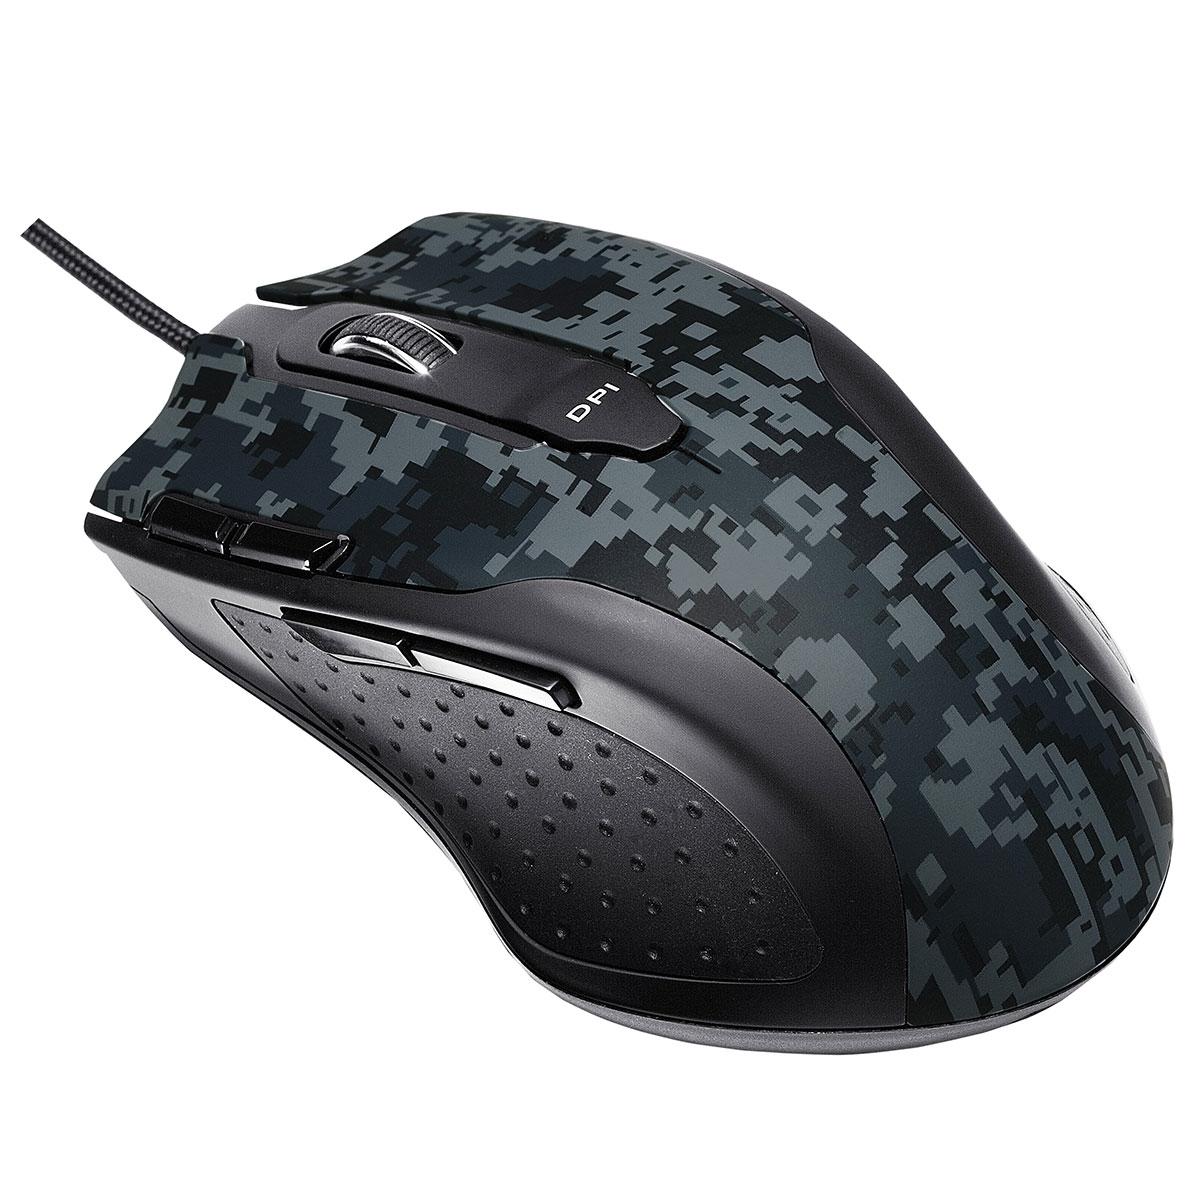 Игровая мышь Asus Echelon, Grey Black90YH0051-BBUA00Геймерская лазерная мышь Echelon обеспечивает точность каждого движения. Вы можете быстро переключать разрешение сенсора, выбирая одно из пяти значений. Мышь также имеет отдельную кнопку для быстрого переключения сенсора в режим с максимальным разрешением. Благодаря встроенной памяти объемом 128 килобайт мышь может хранить макросы для воспроизведения последовательности действий. Прочный и эргономичный корпус Echelon гарантирует вам комфорт в самых длительных и напряженных баталиях. Быстрое переключение разрешения сенсора Выбор одного из пяти значений DPI. Для снайперского выстрела Мгновенная смена разрешения сенсора. Для стрельбы очередью Автоповтор нажатия кнопки мыши. Простая настройка Восемь программируемых кнопок и специальные грузики для настройки веса.